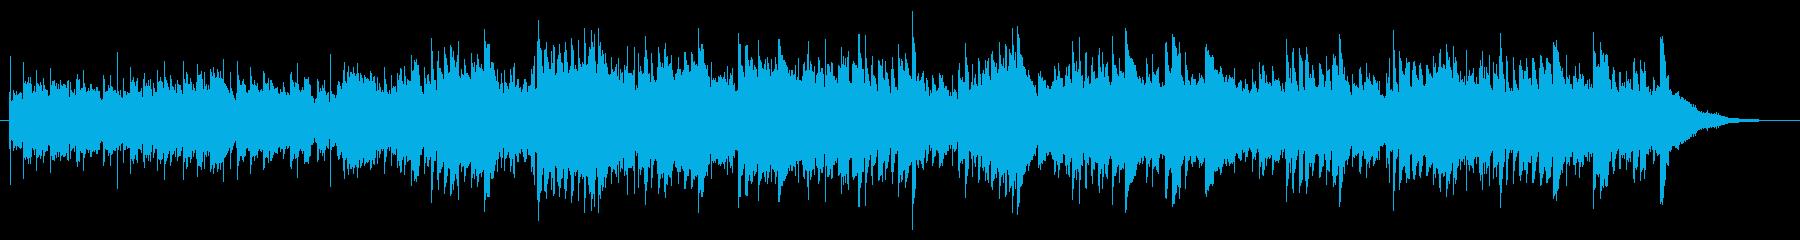 回想、想い出をイメージした曲の再生済みの波形